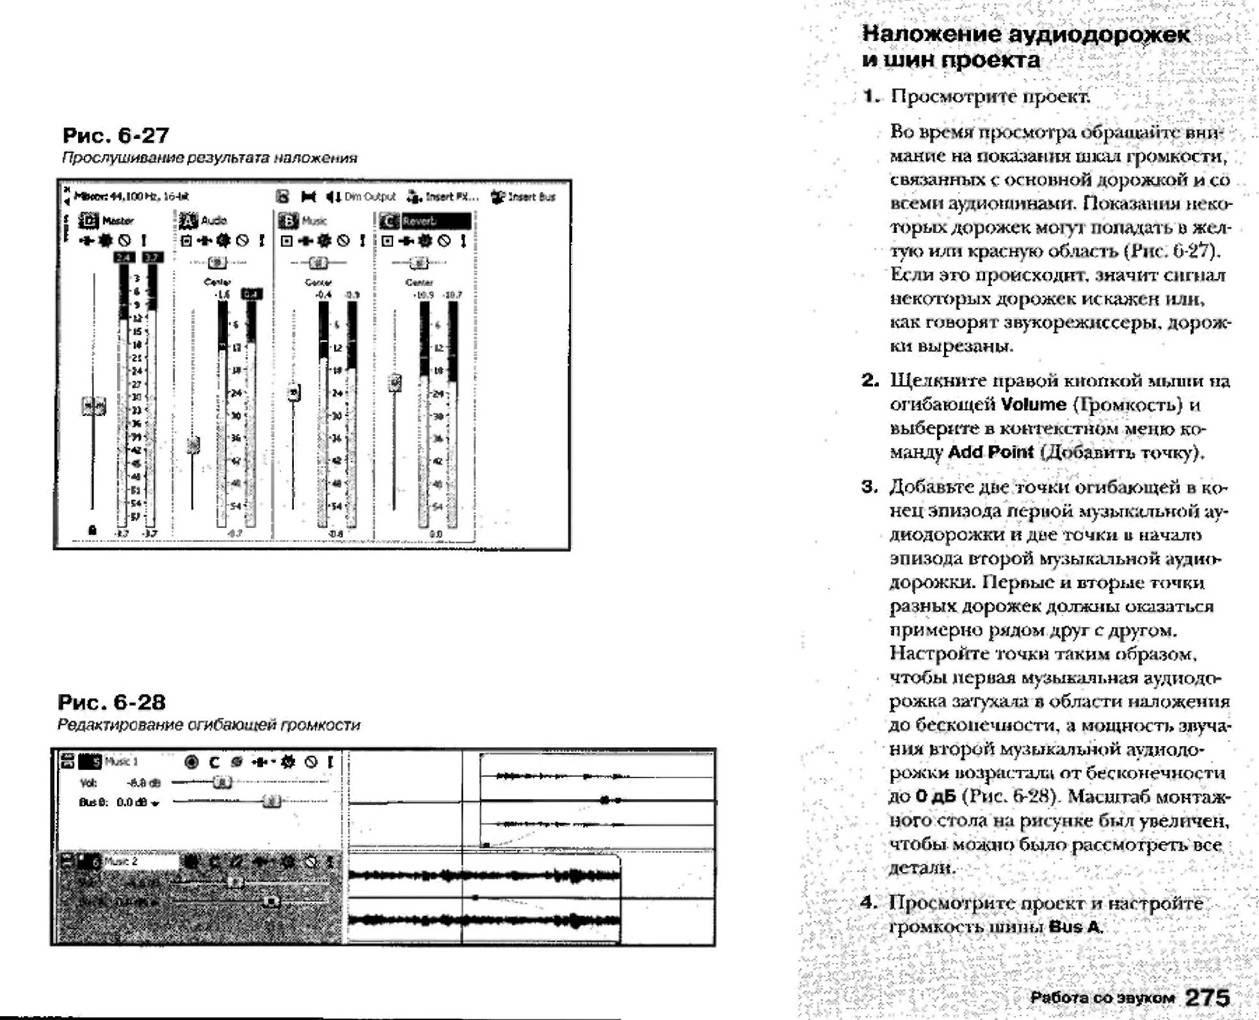 http://redaktori-uroki.3dn.ru/_ph/12/544151793.jpg